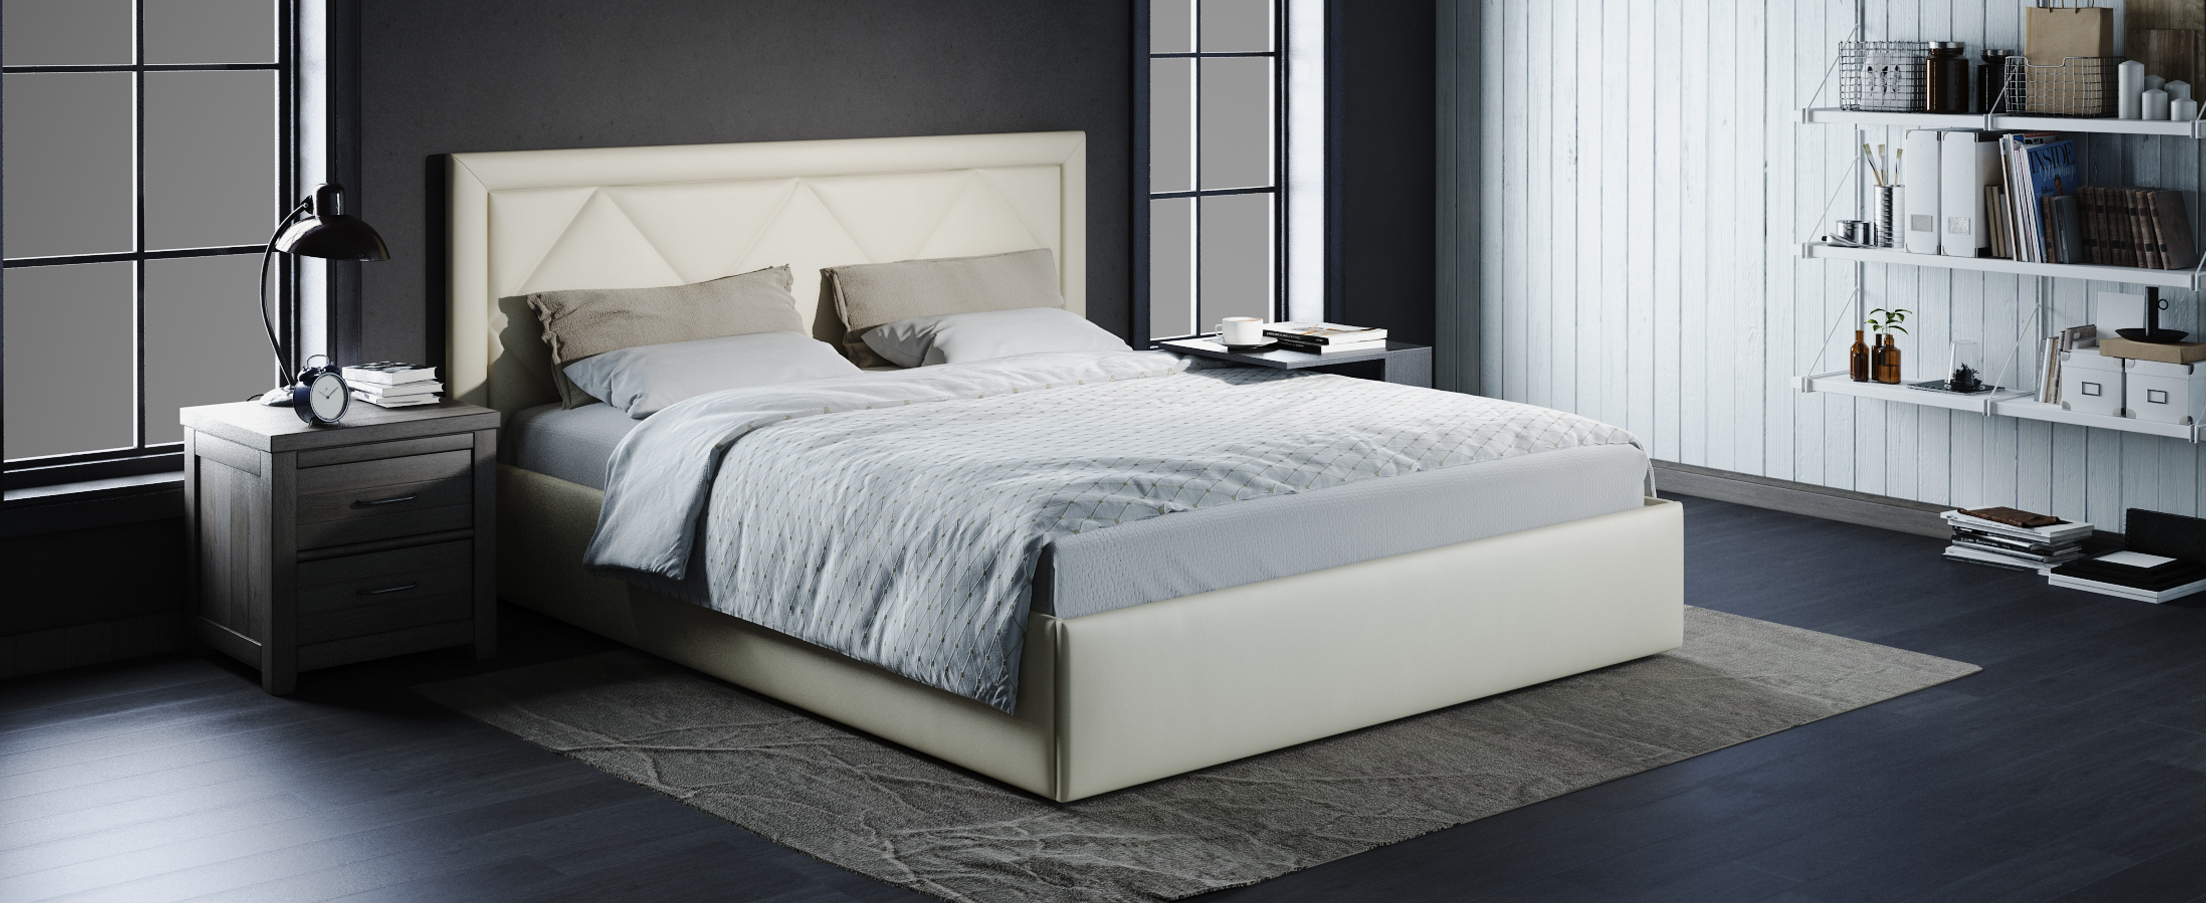 Кровать двуспальная Доменика 140х200 Модель 1203Модель Доменика придаст комнате индивидуальность сделает вашу спальню особенной.<br>